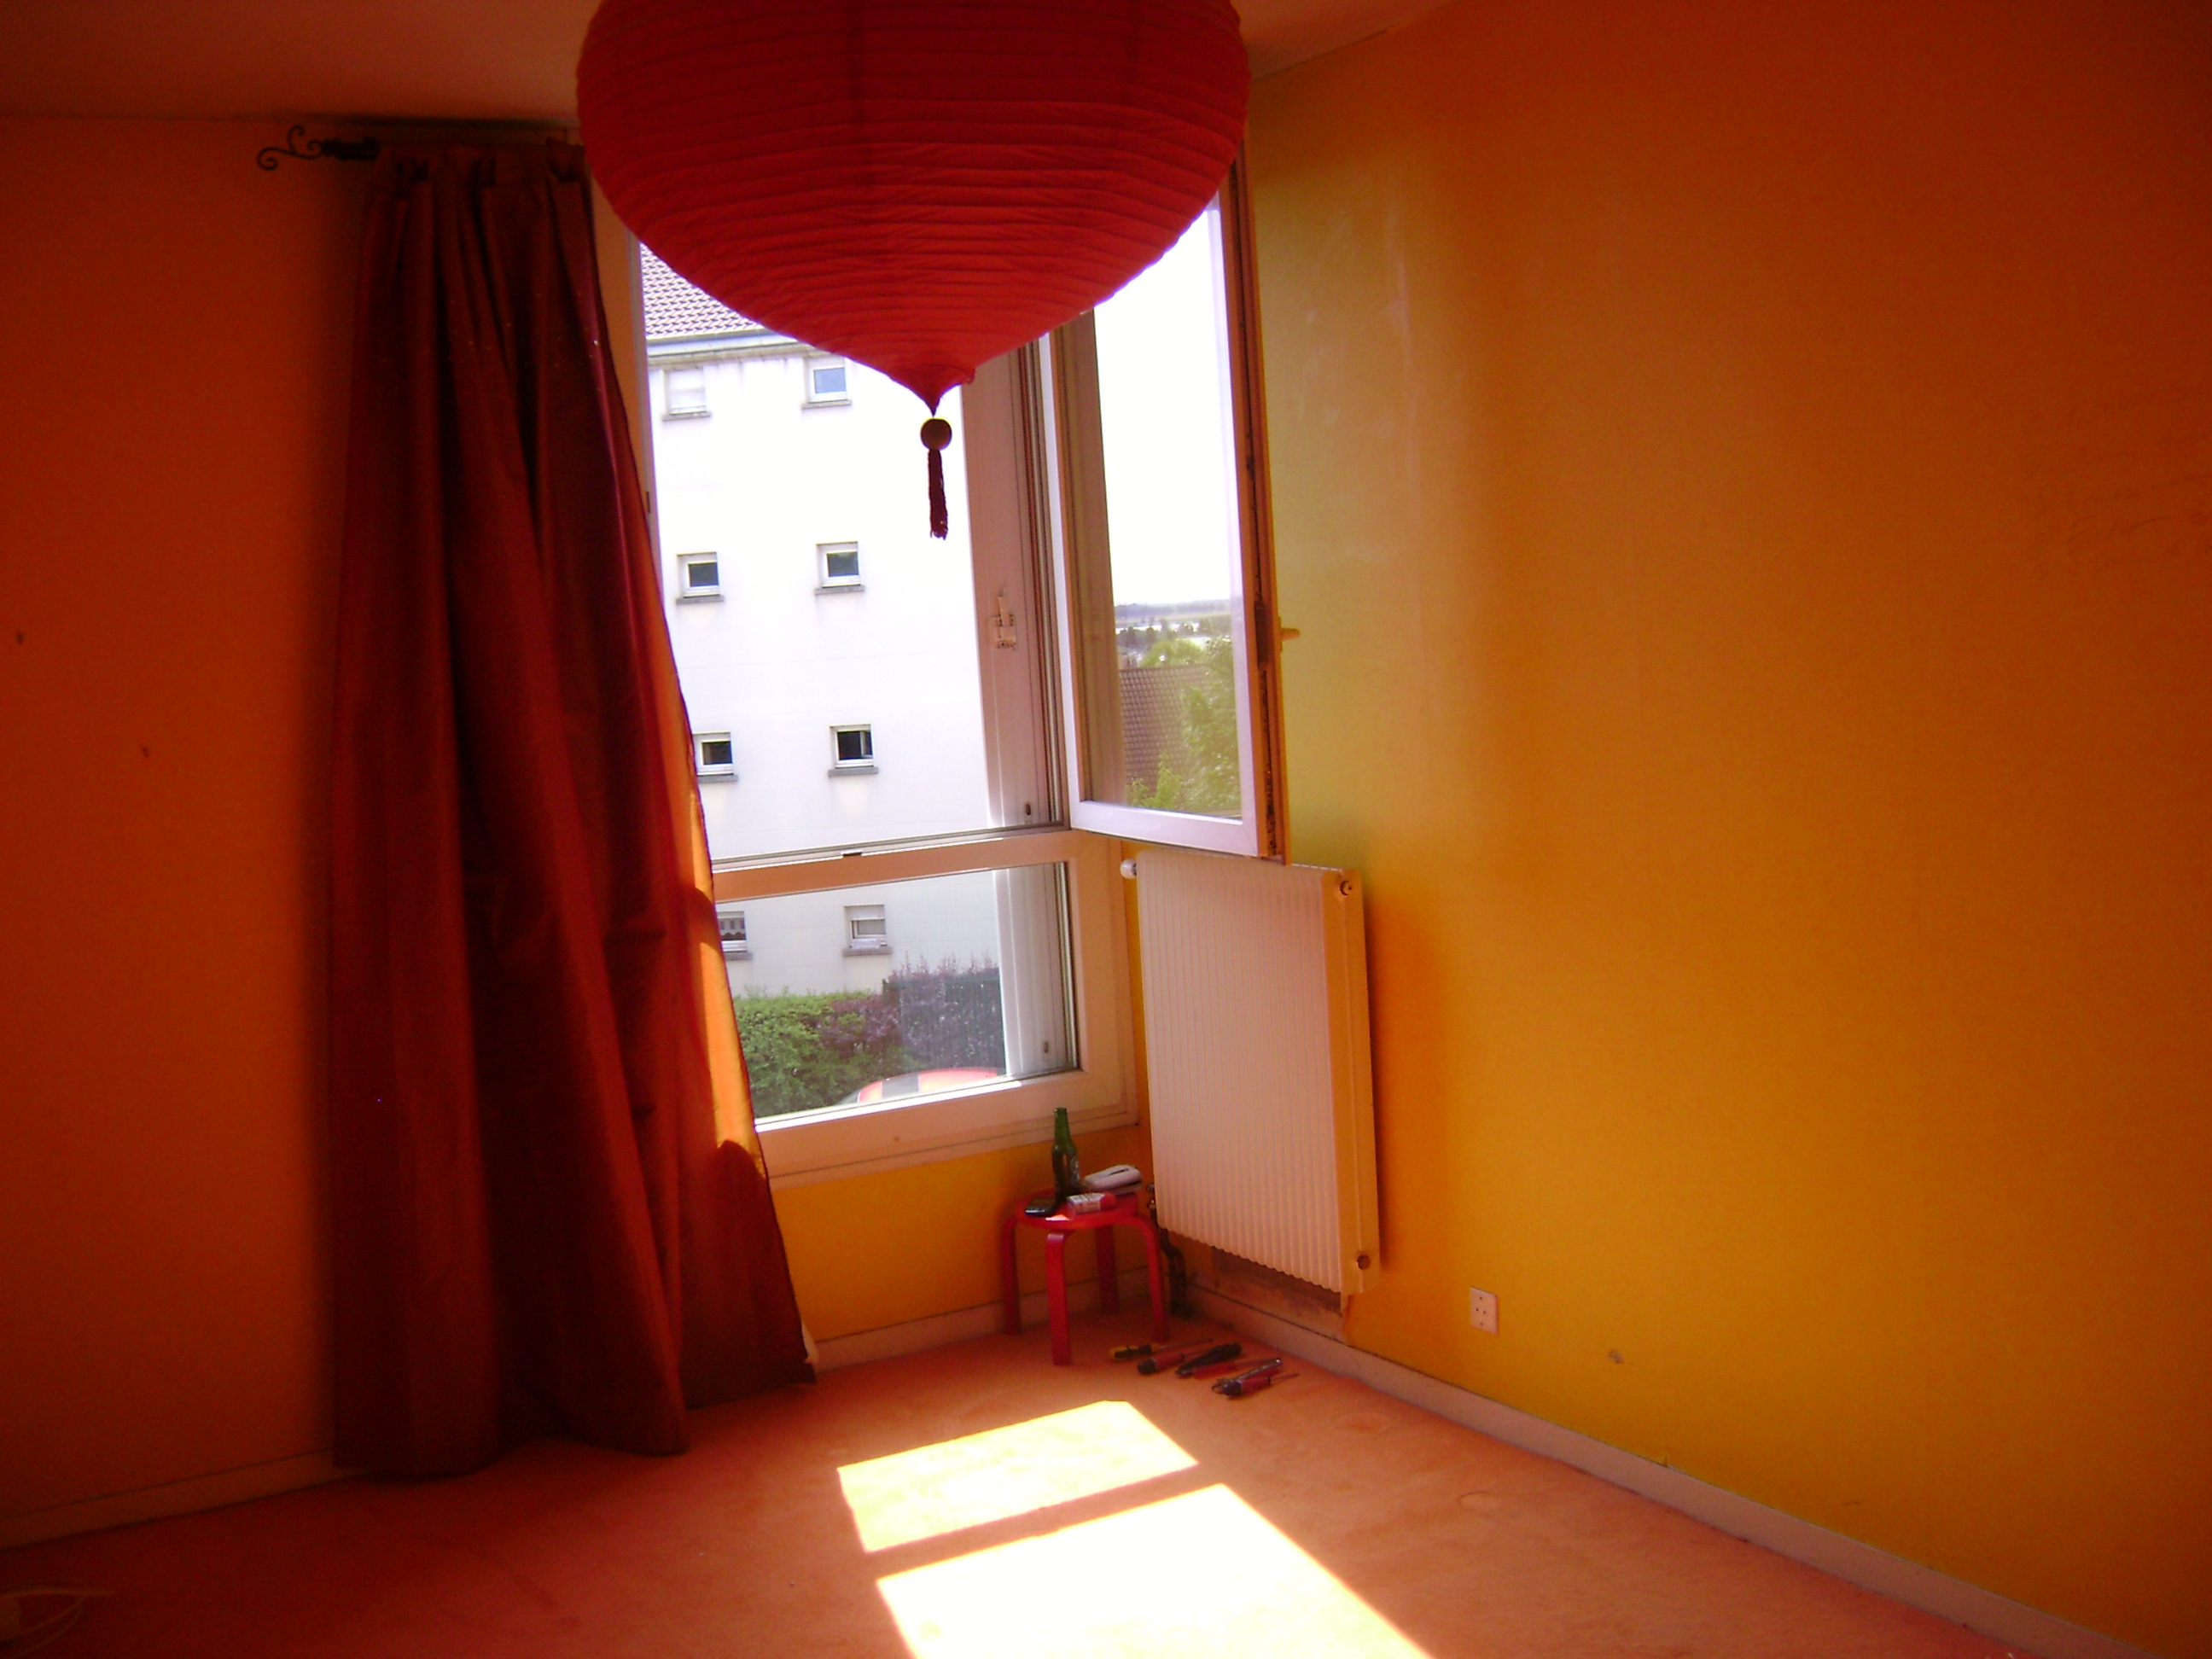 D coration peinture et parquet chambre parentale domont 95 104 ikououbel - Peinture chambre parents ...